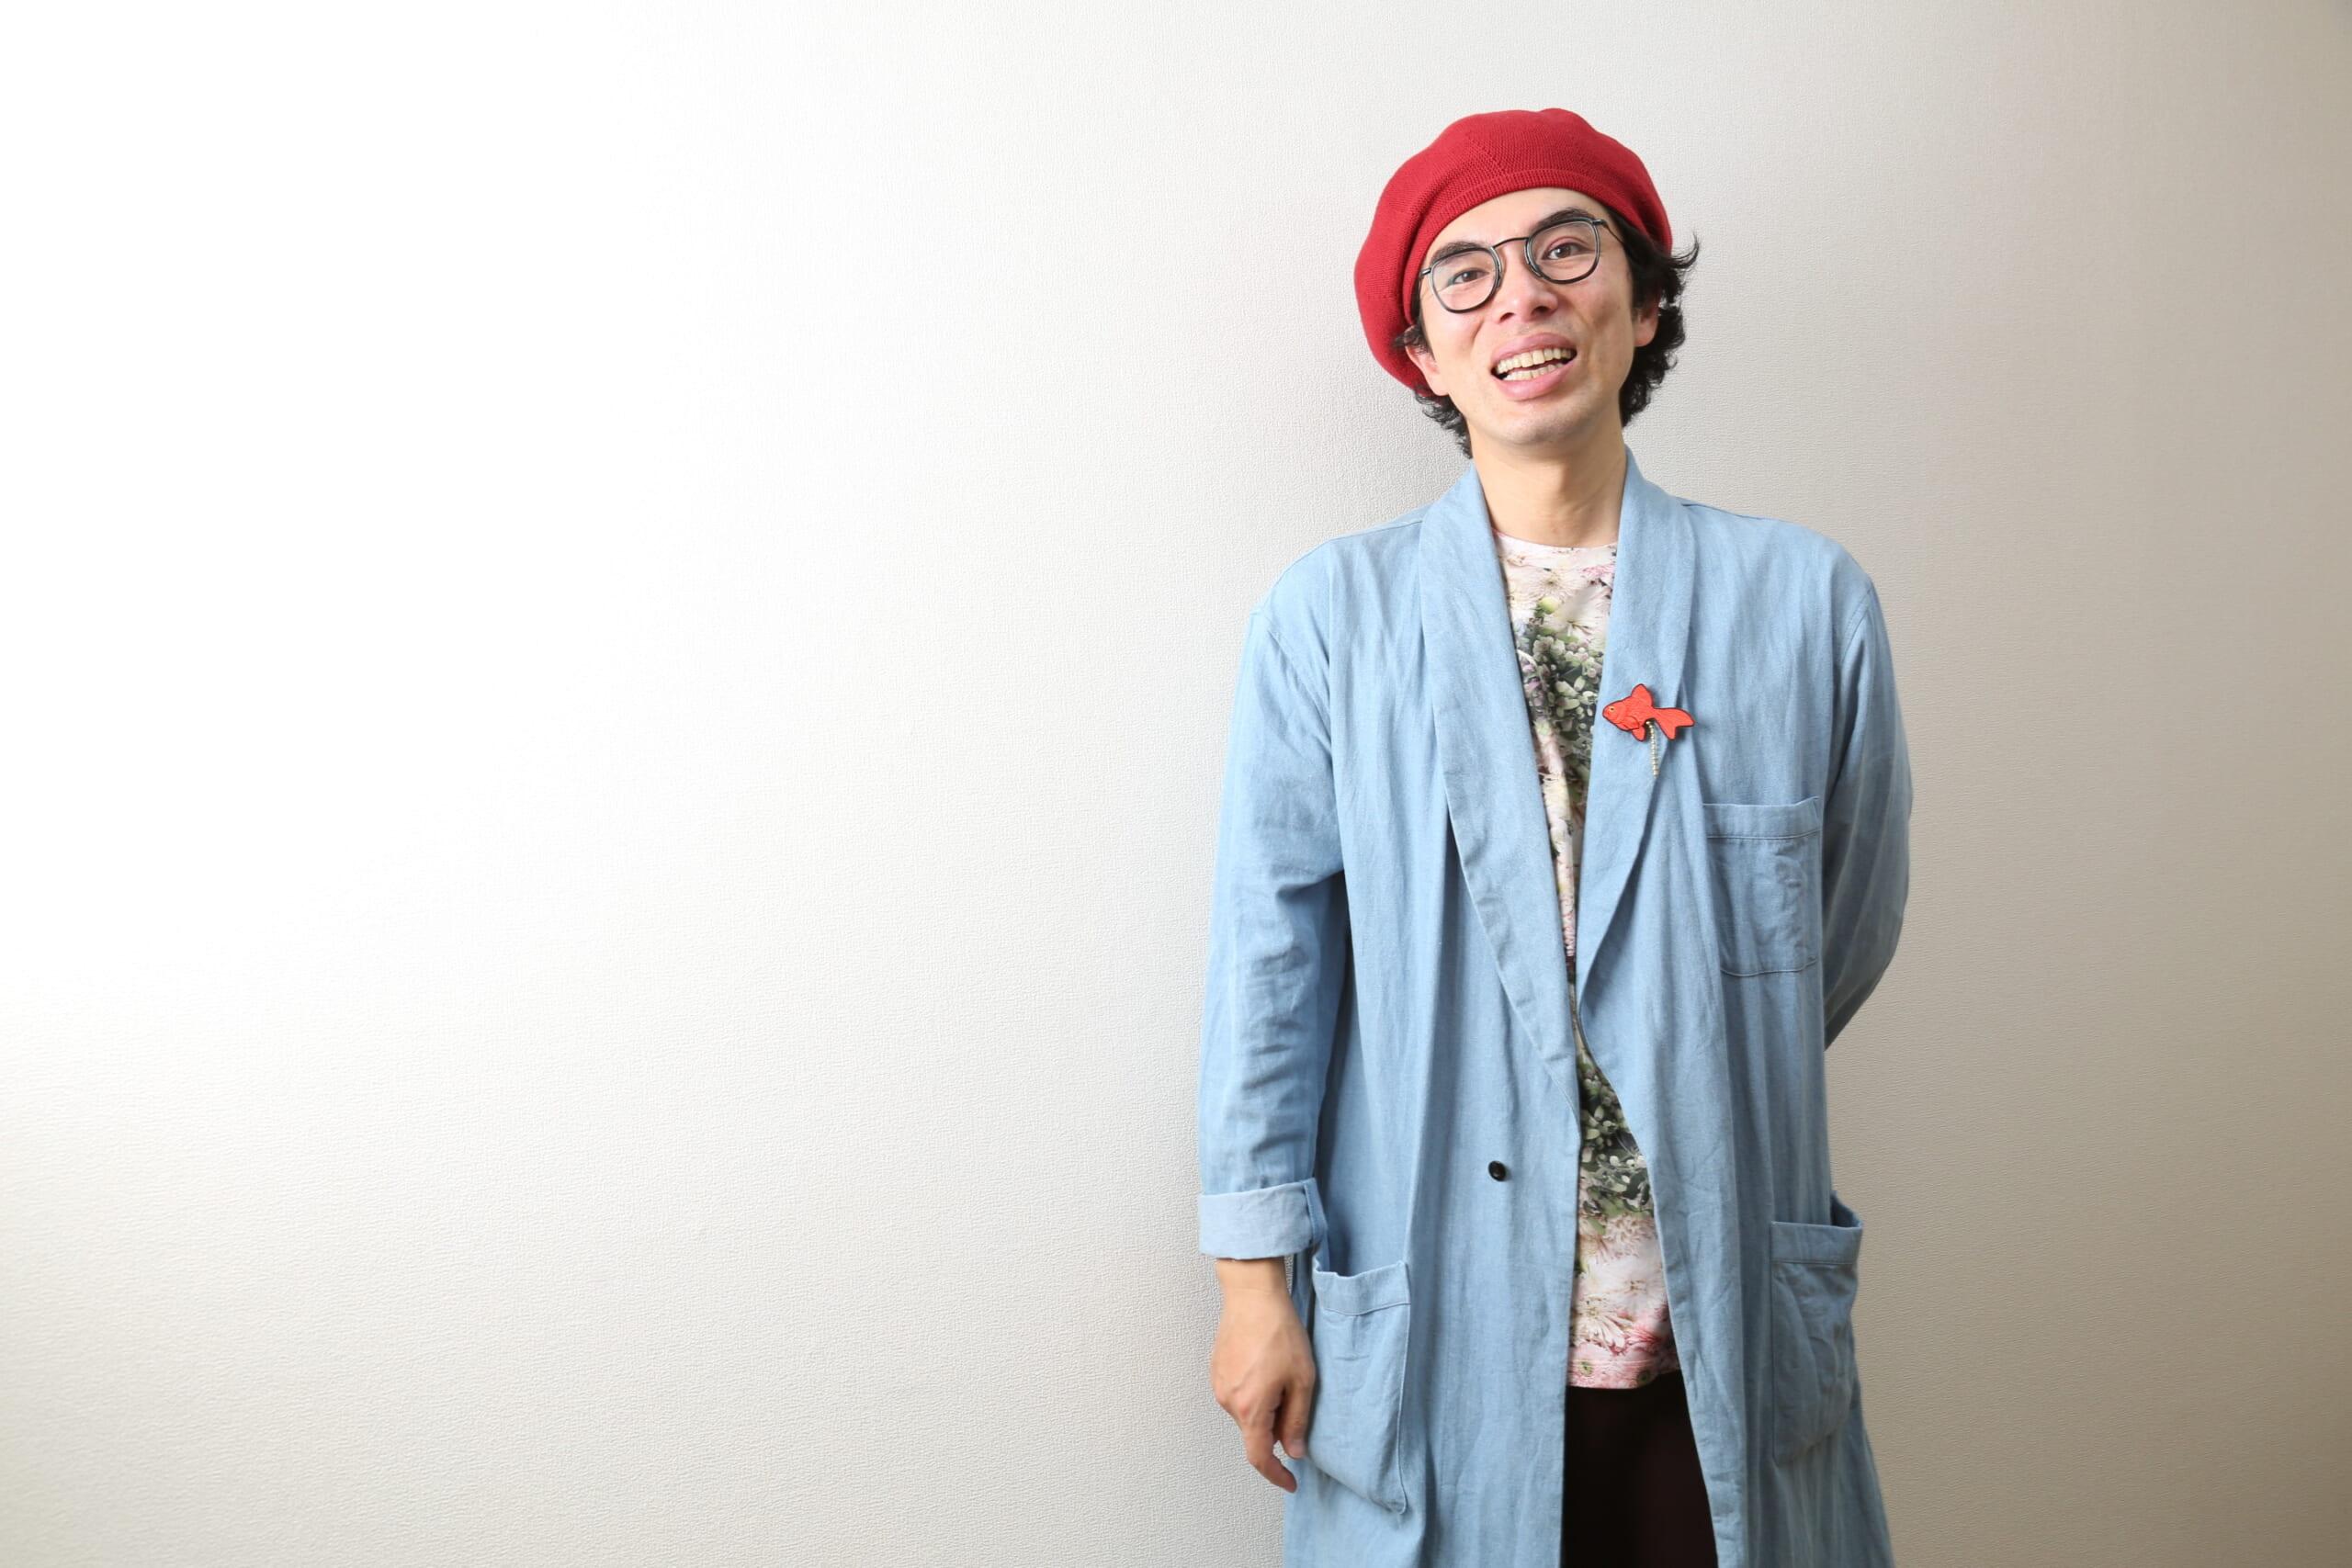 26歳まで彼女がいなかった片桐仁、今の若者の「彼女いらない」恋愛観について語る